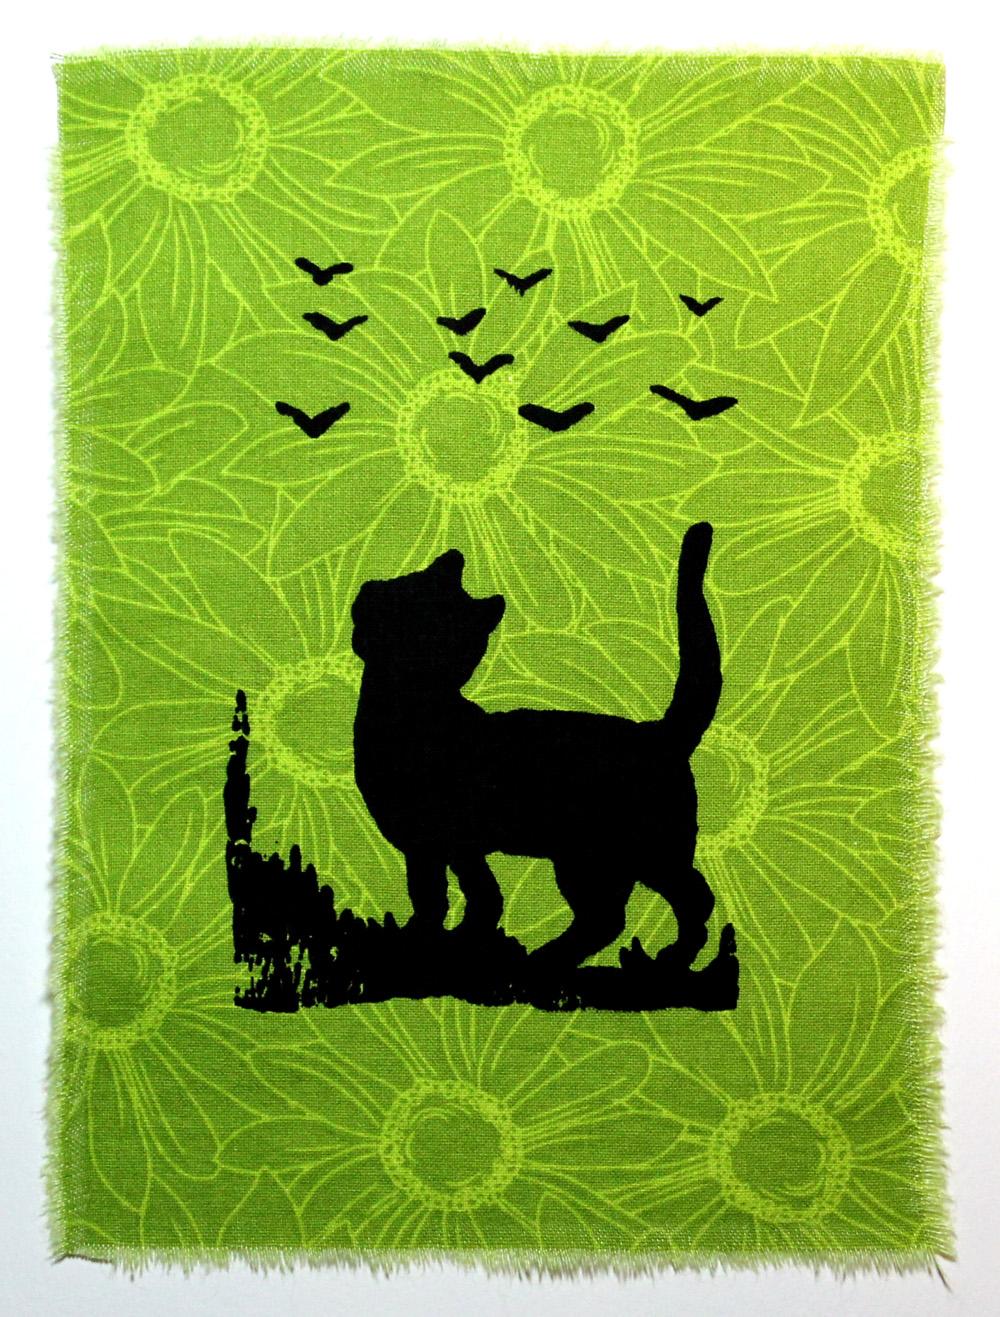 catbirdspatchgreen.jpg